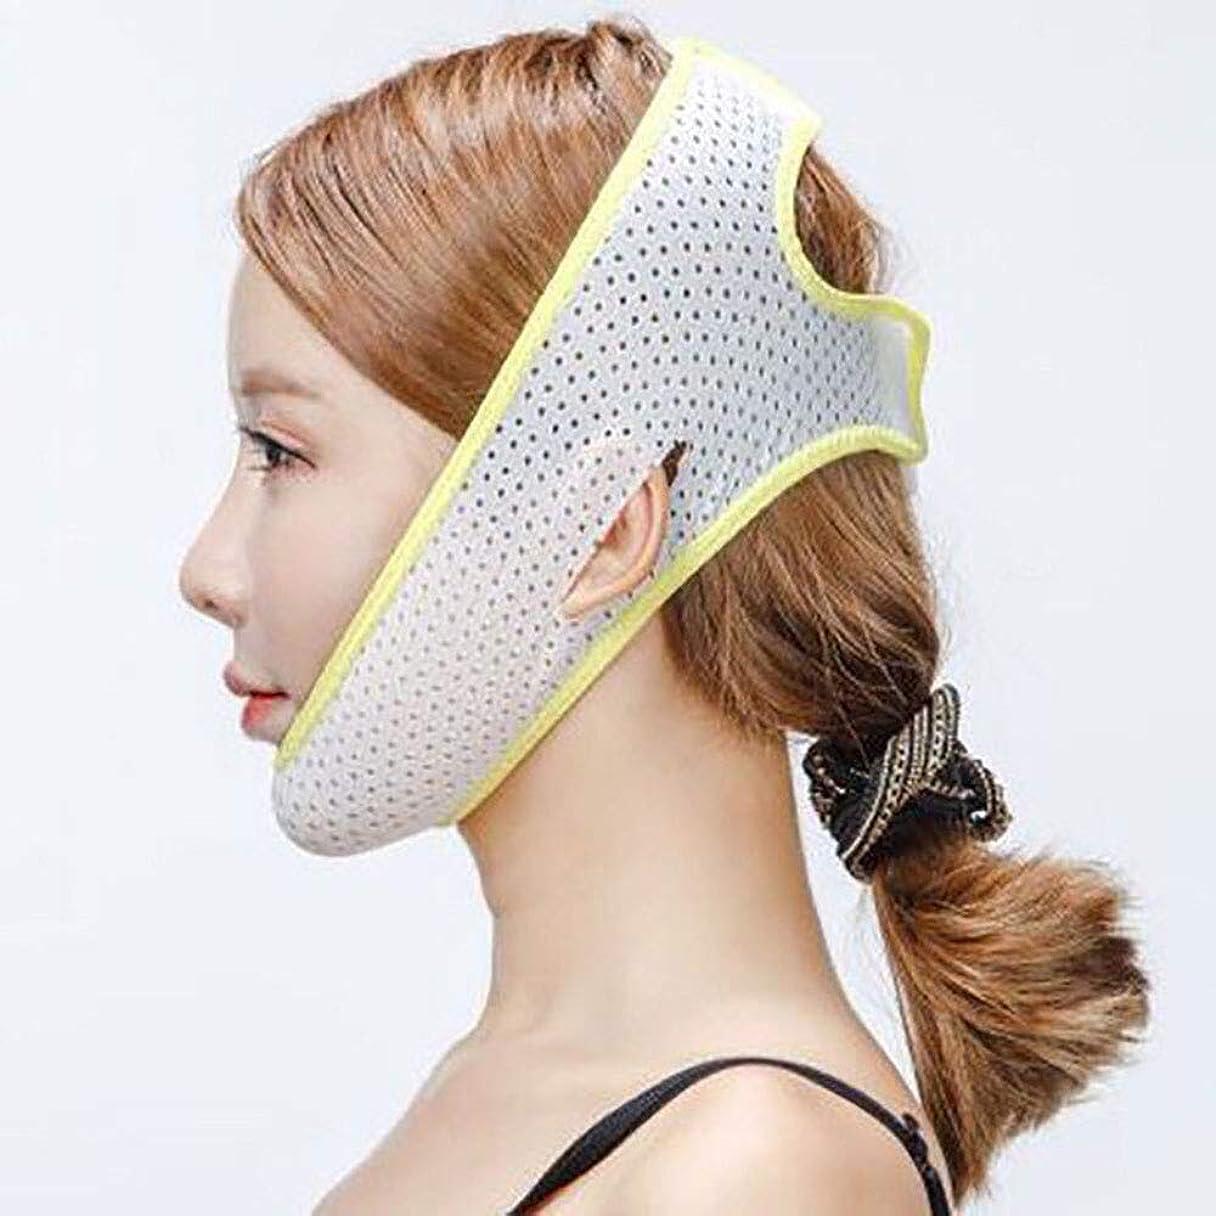 抵当ジャンルバリケードVフェイス包帯マスク、睡眠薄い顔アーティファクトフェイスリフトベルトライン彫刻回復包帯物理的な持ち上がる二重あごツール,Yellow